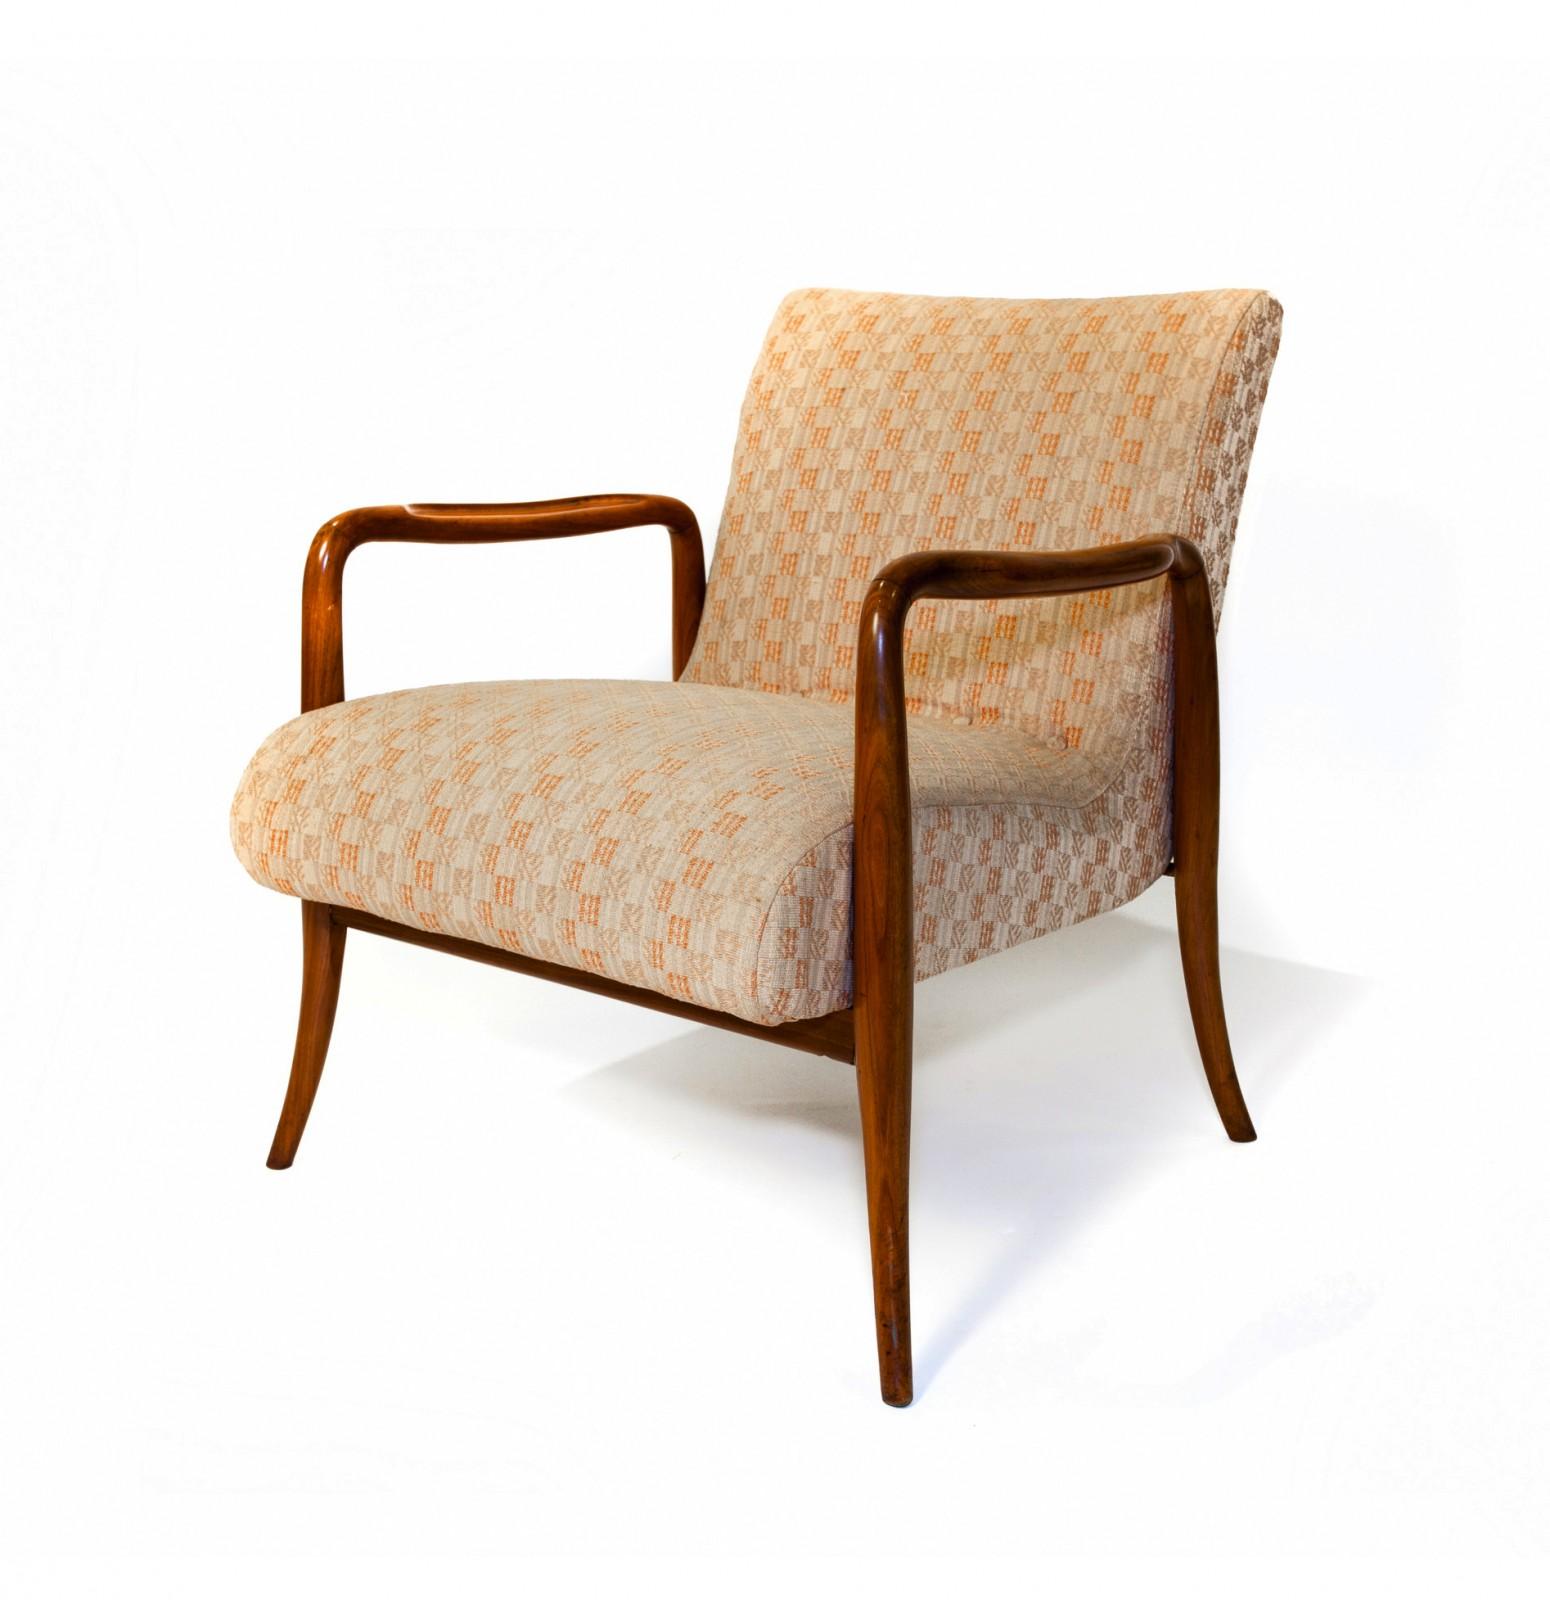 Modern classic armchair - Leve Armchair 1940 By Joaquim Tenreiro